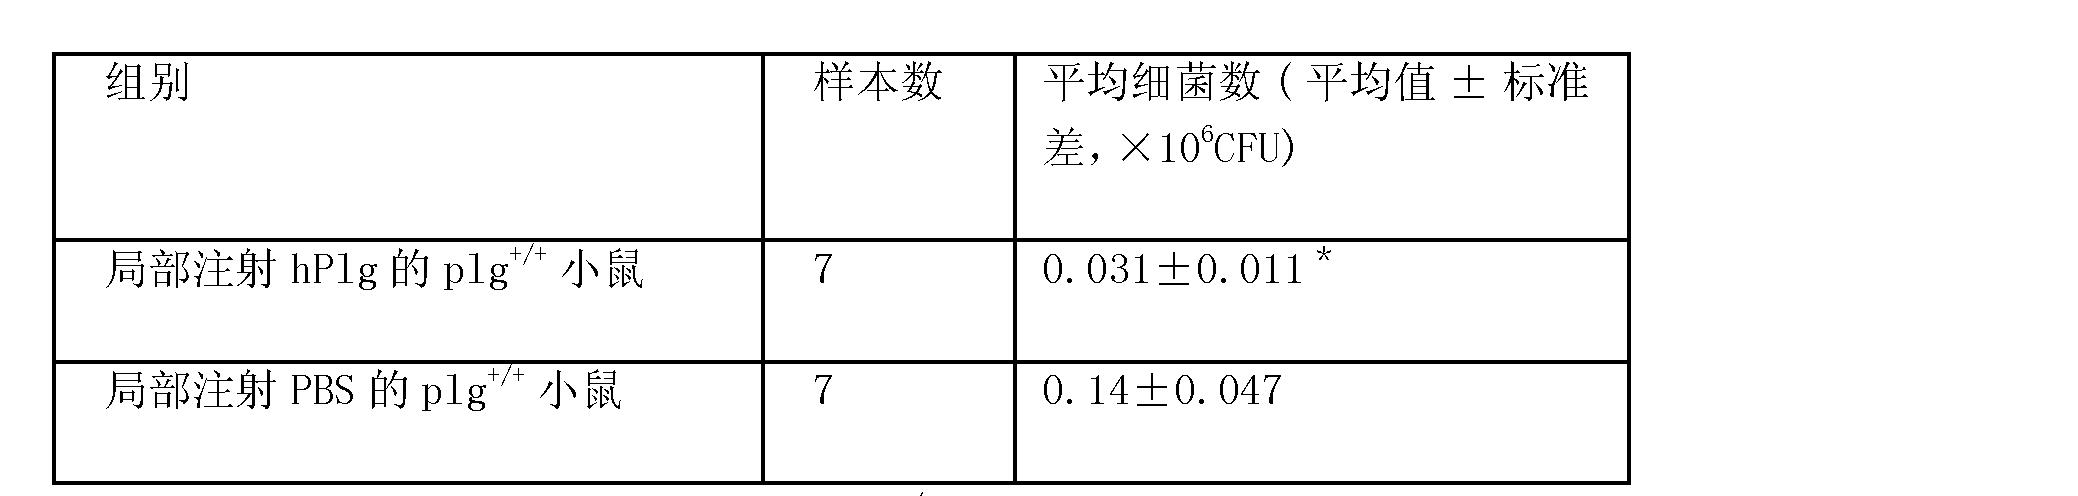 Figure CN101573134BD00271